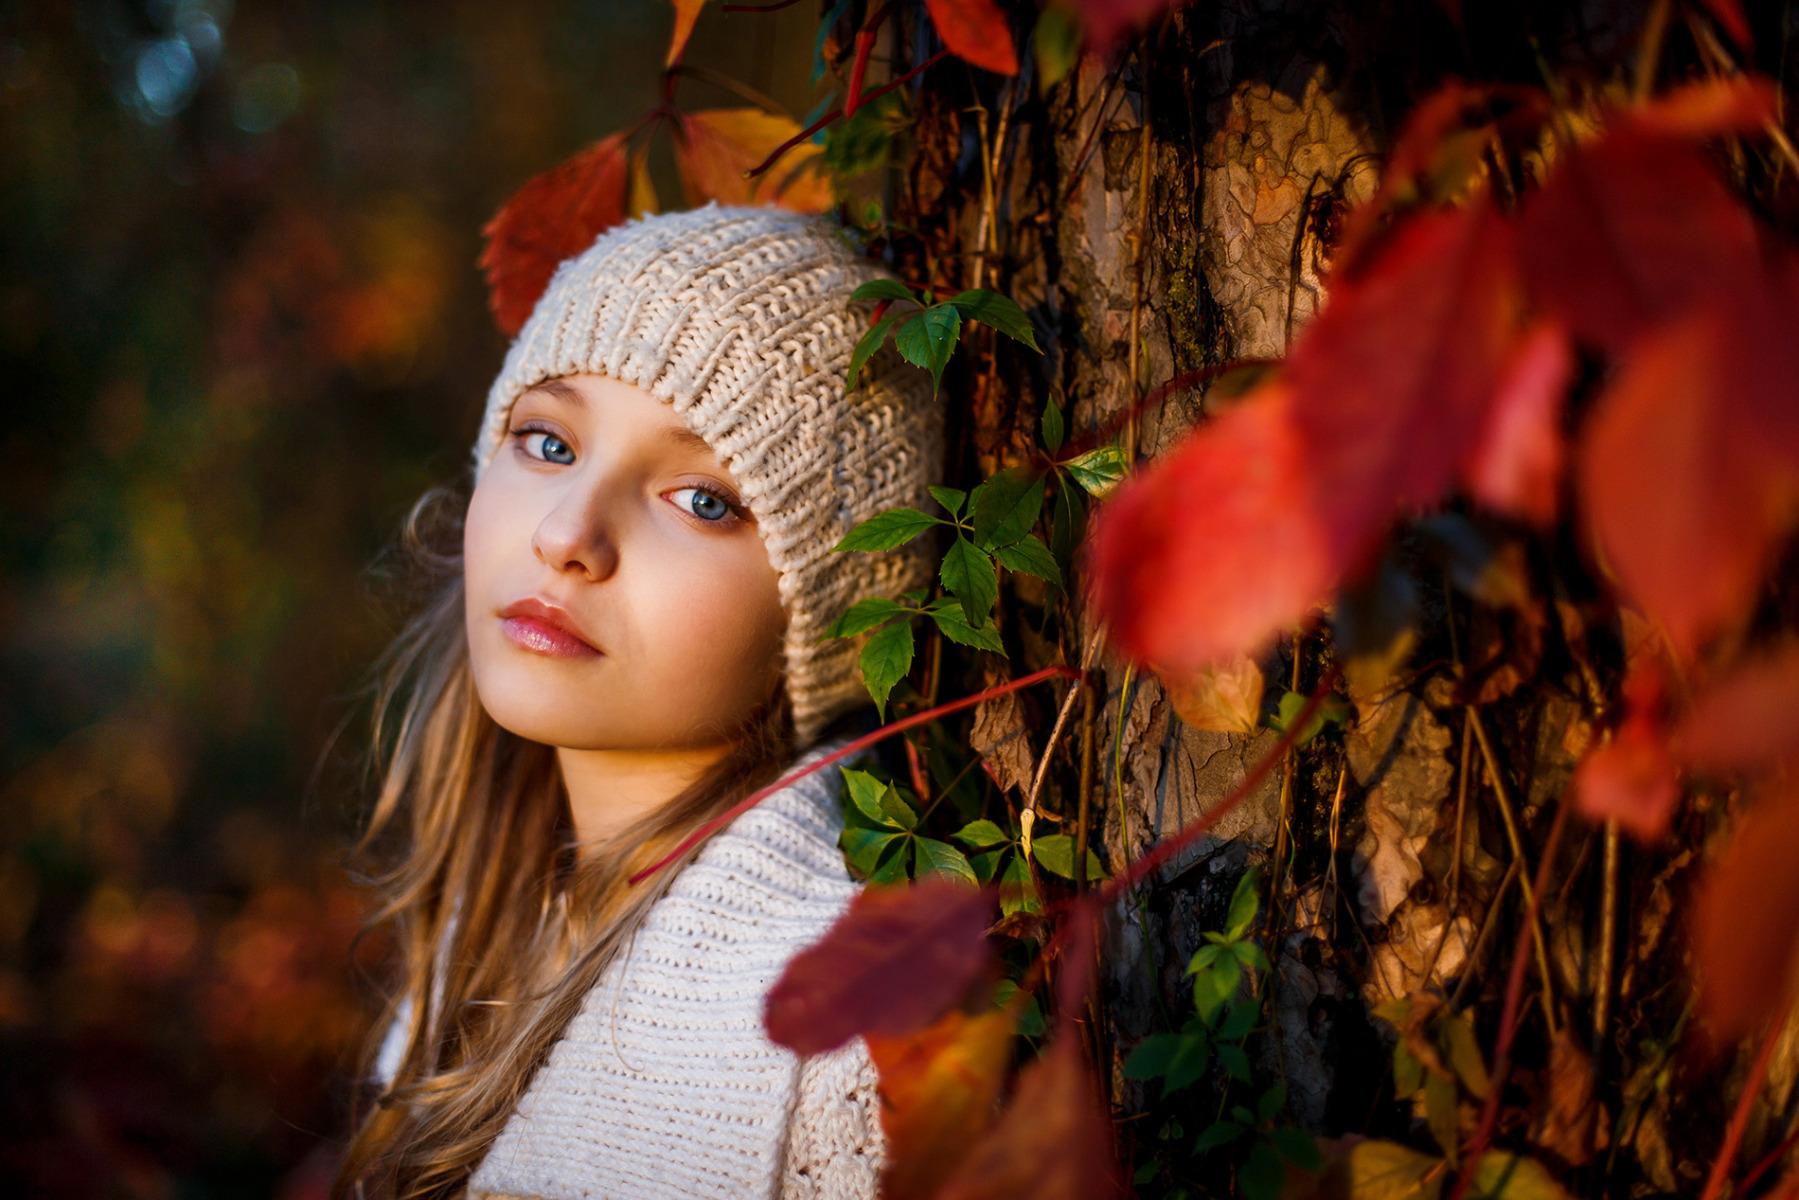 прогуляться набережным осень лучшие фотографы даже негативные комментарии